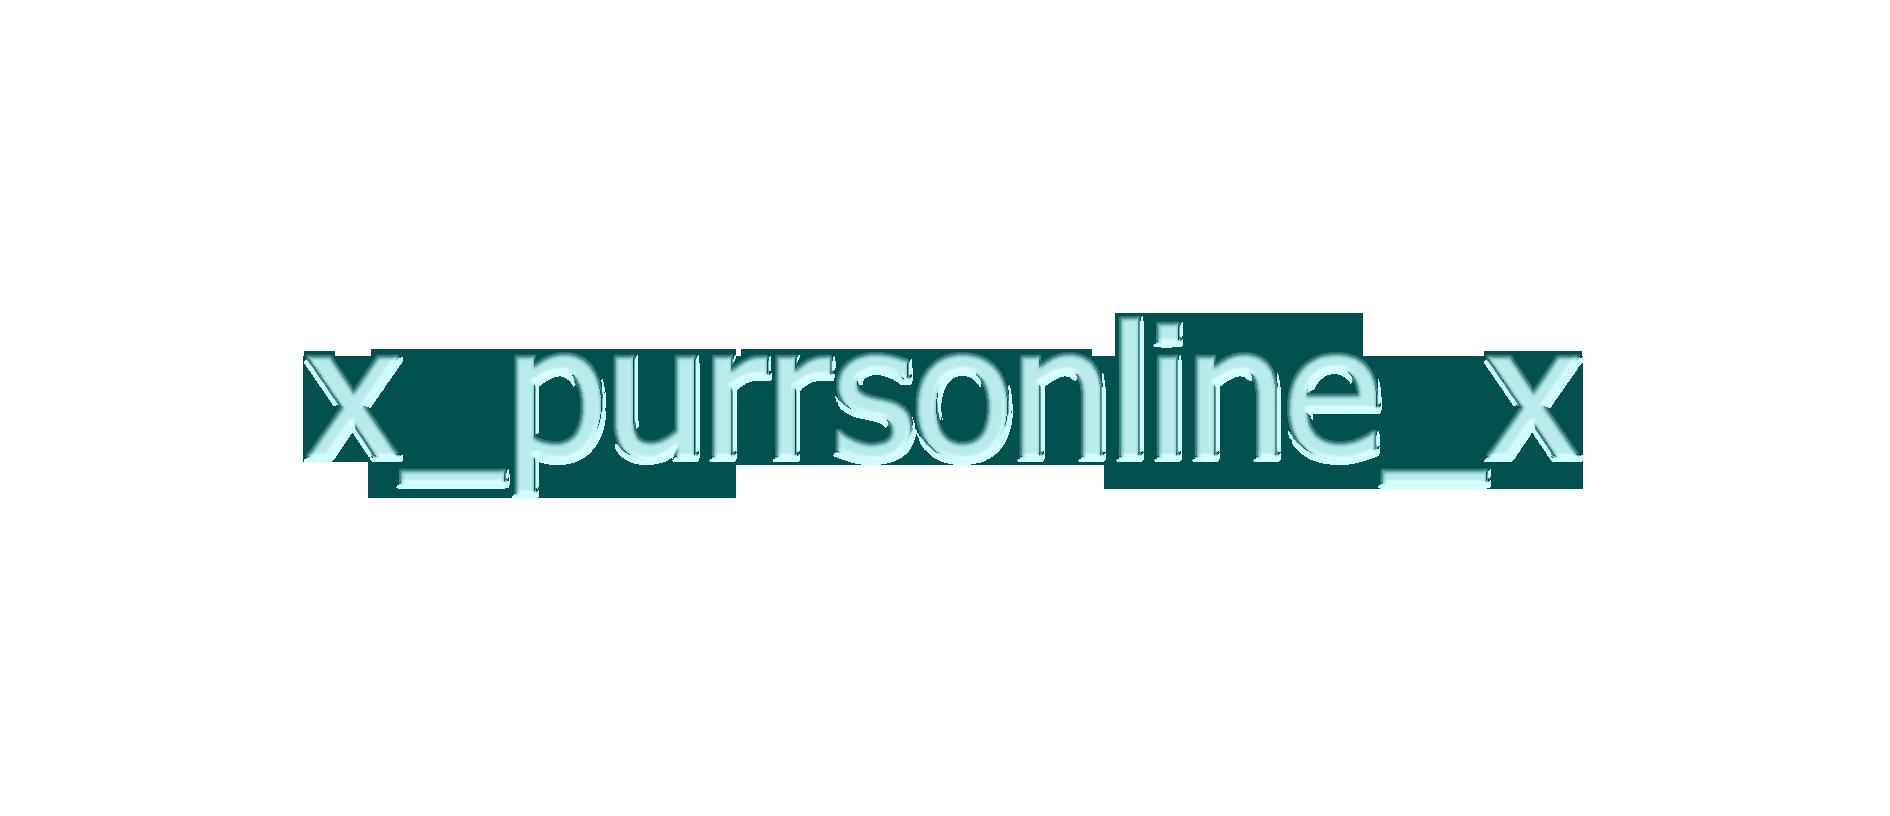 x_purrsonline_x